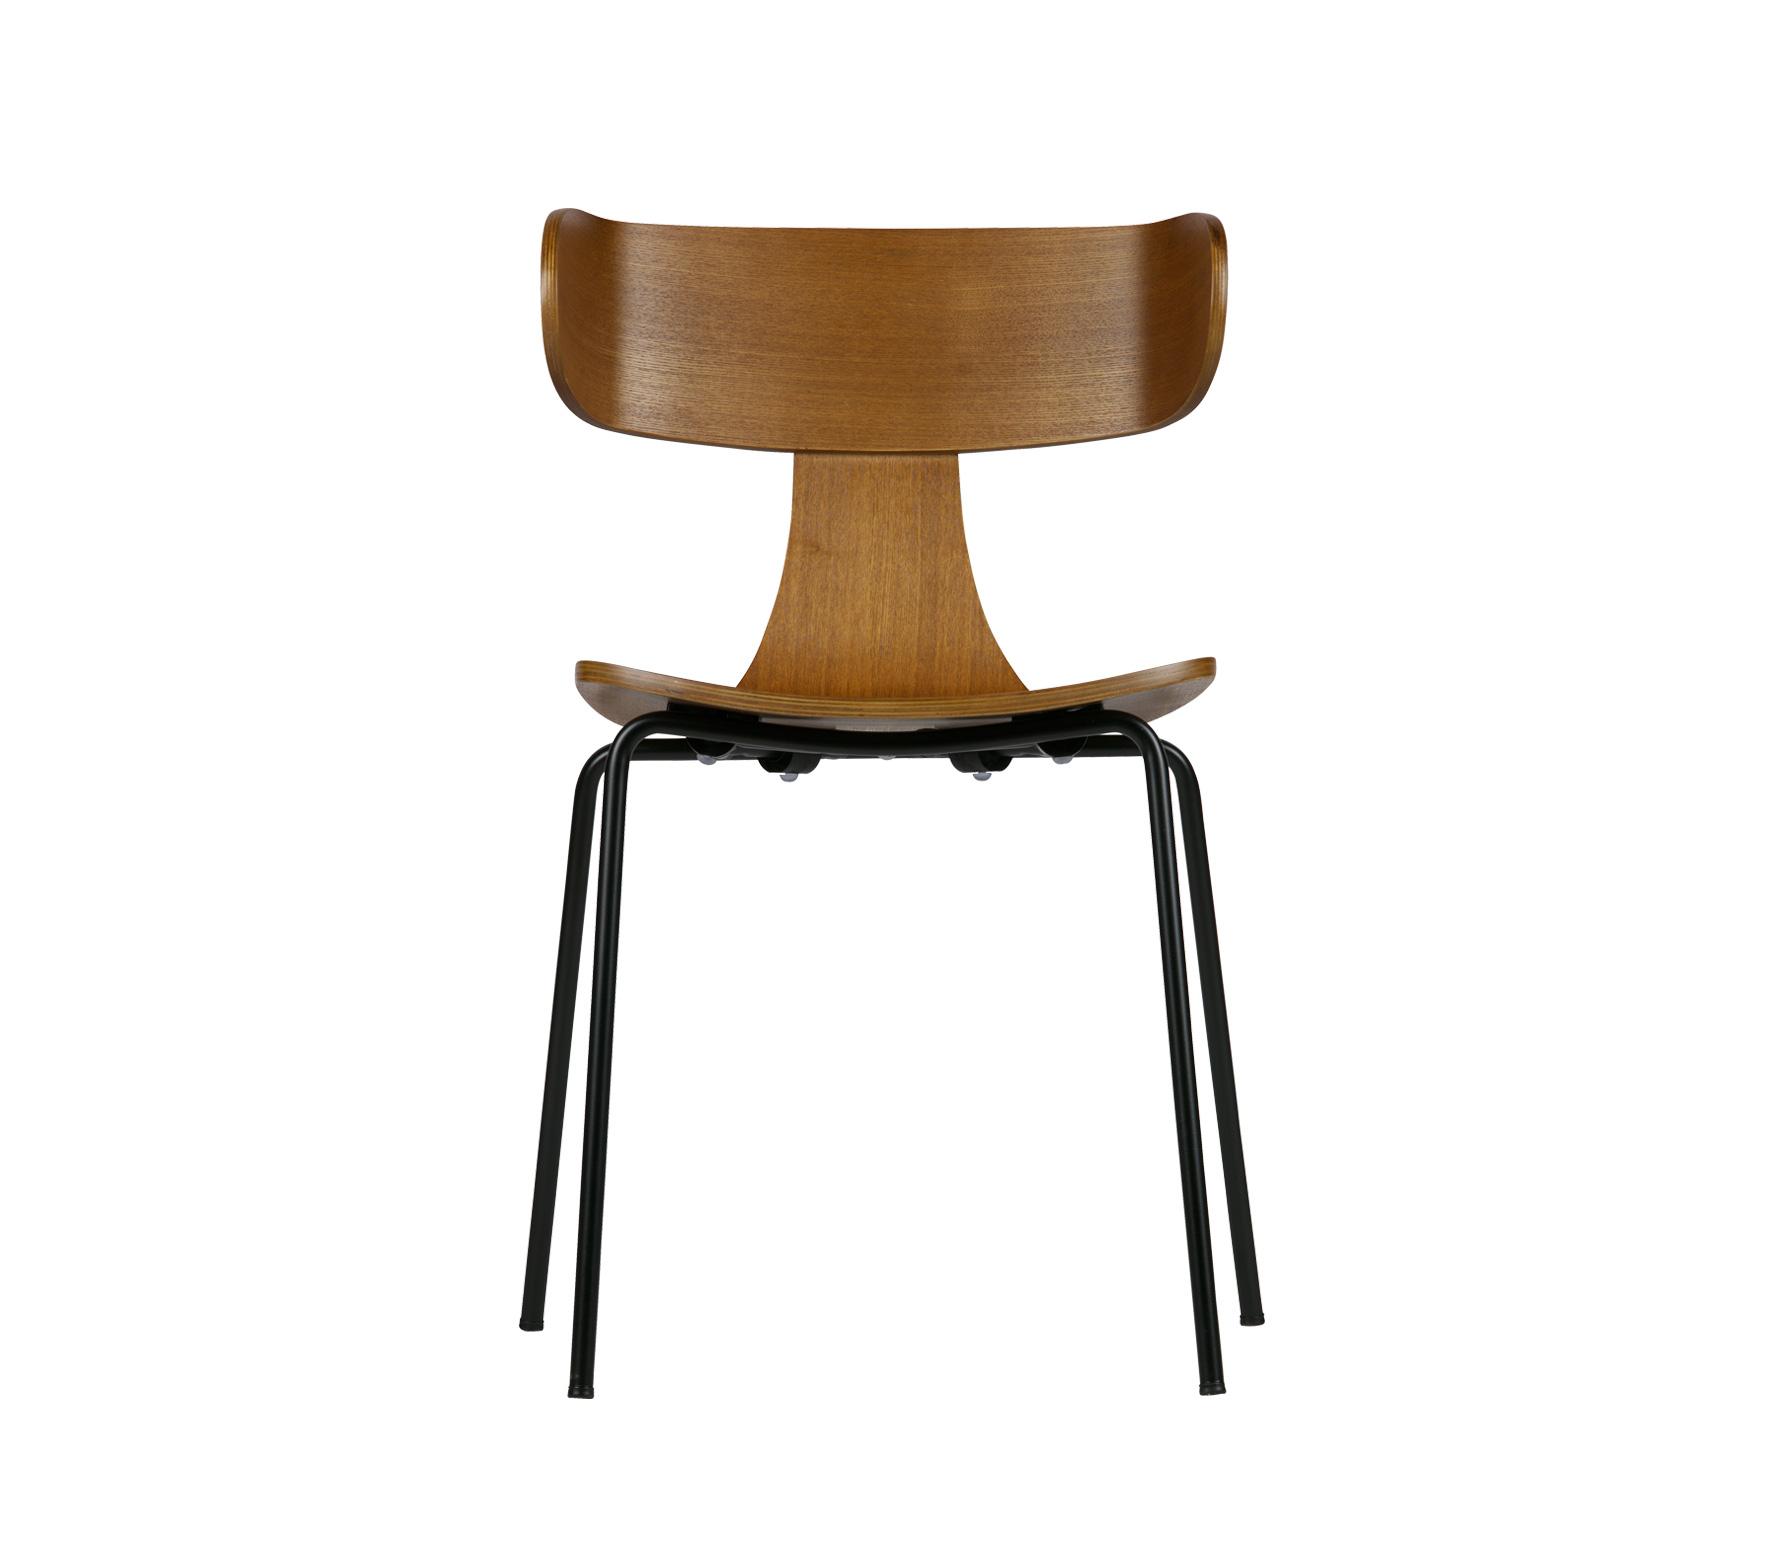 BePureHome Form houten stoel met metaal, bruin Bruin